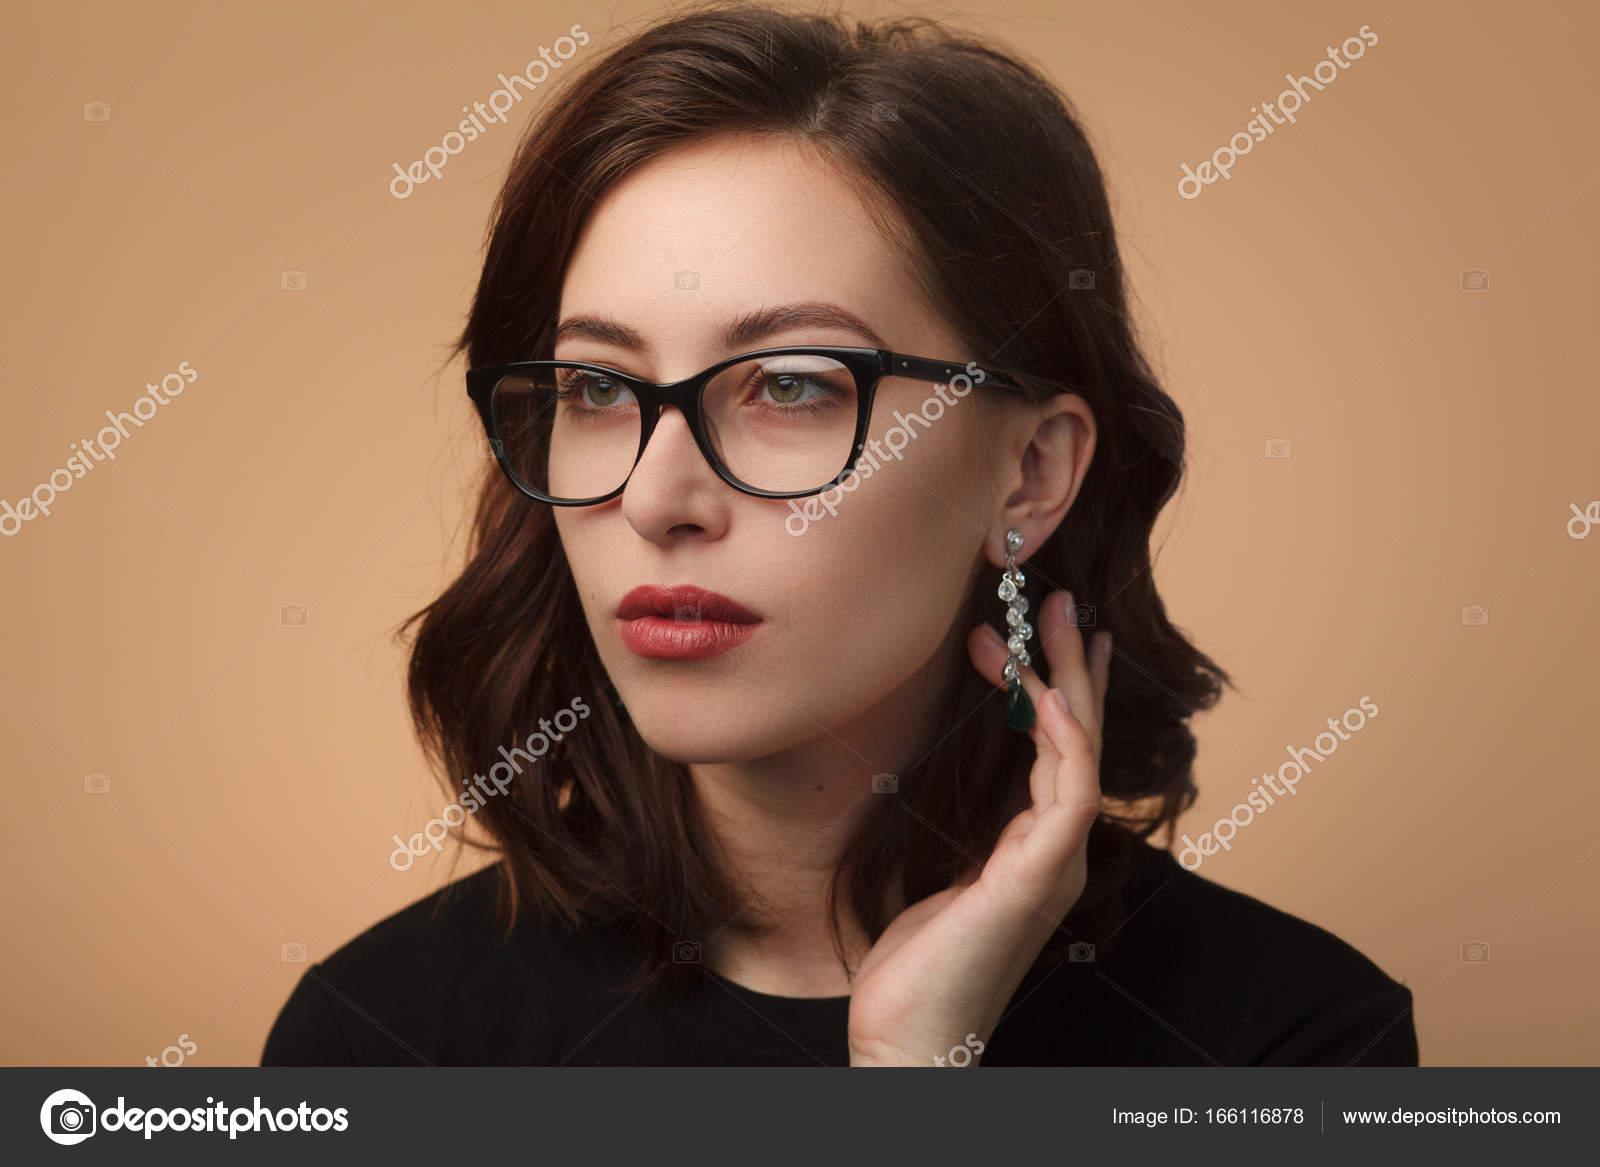 e3e206b25df055 Zeker mooi model bril — Stockfoto © kegfire  166116878